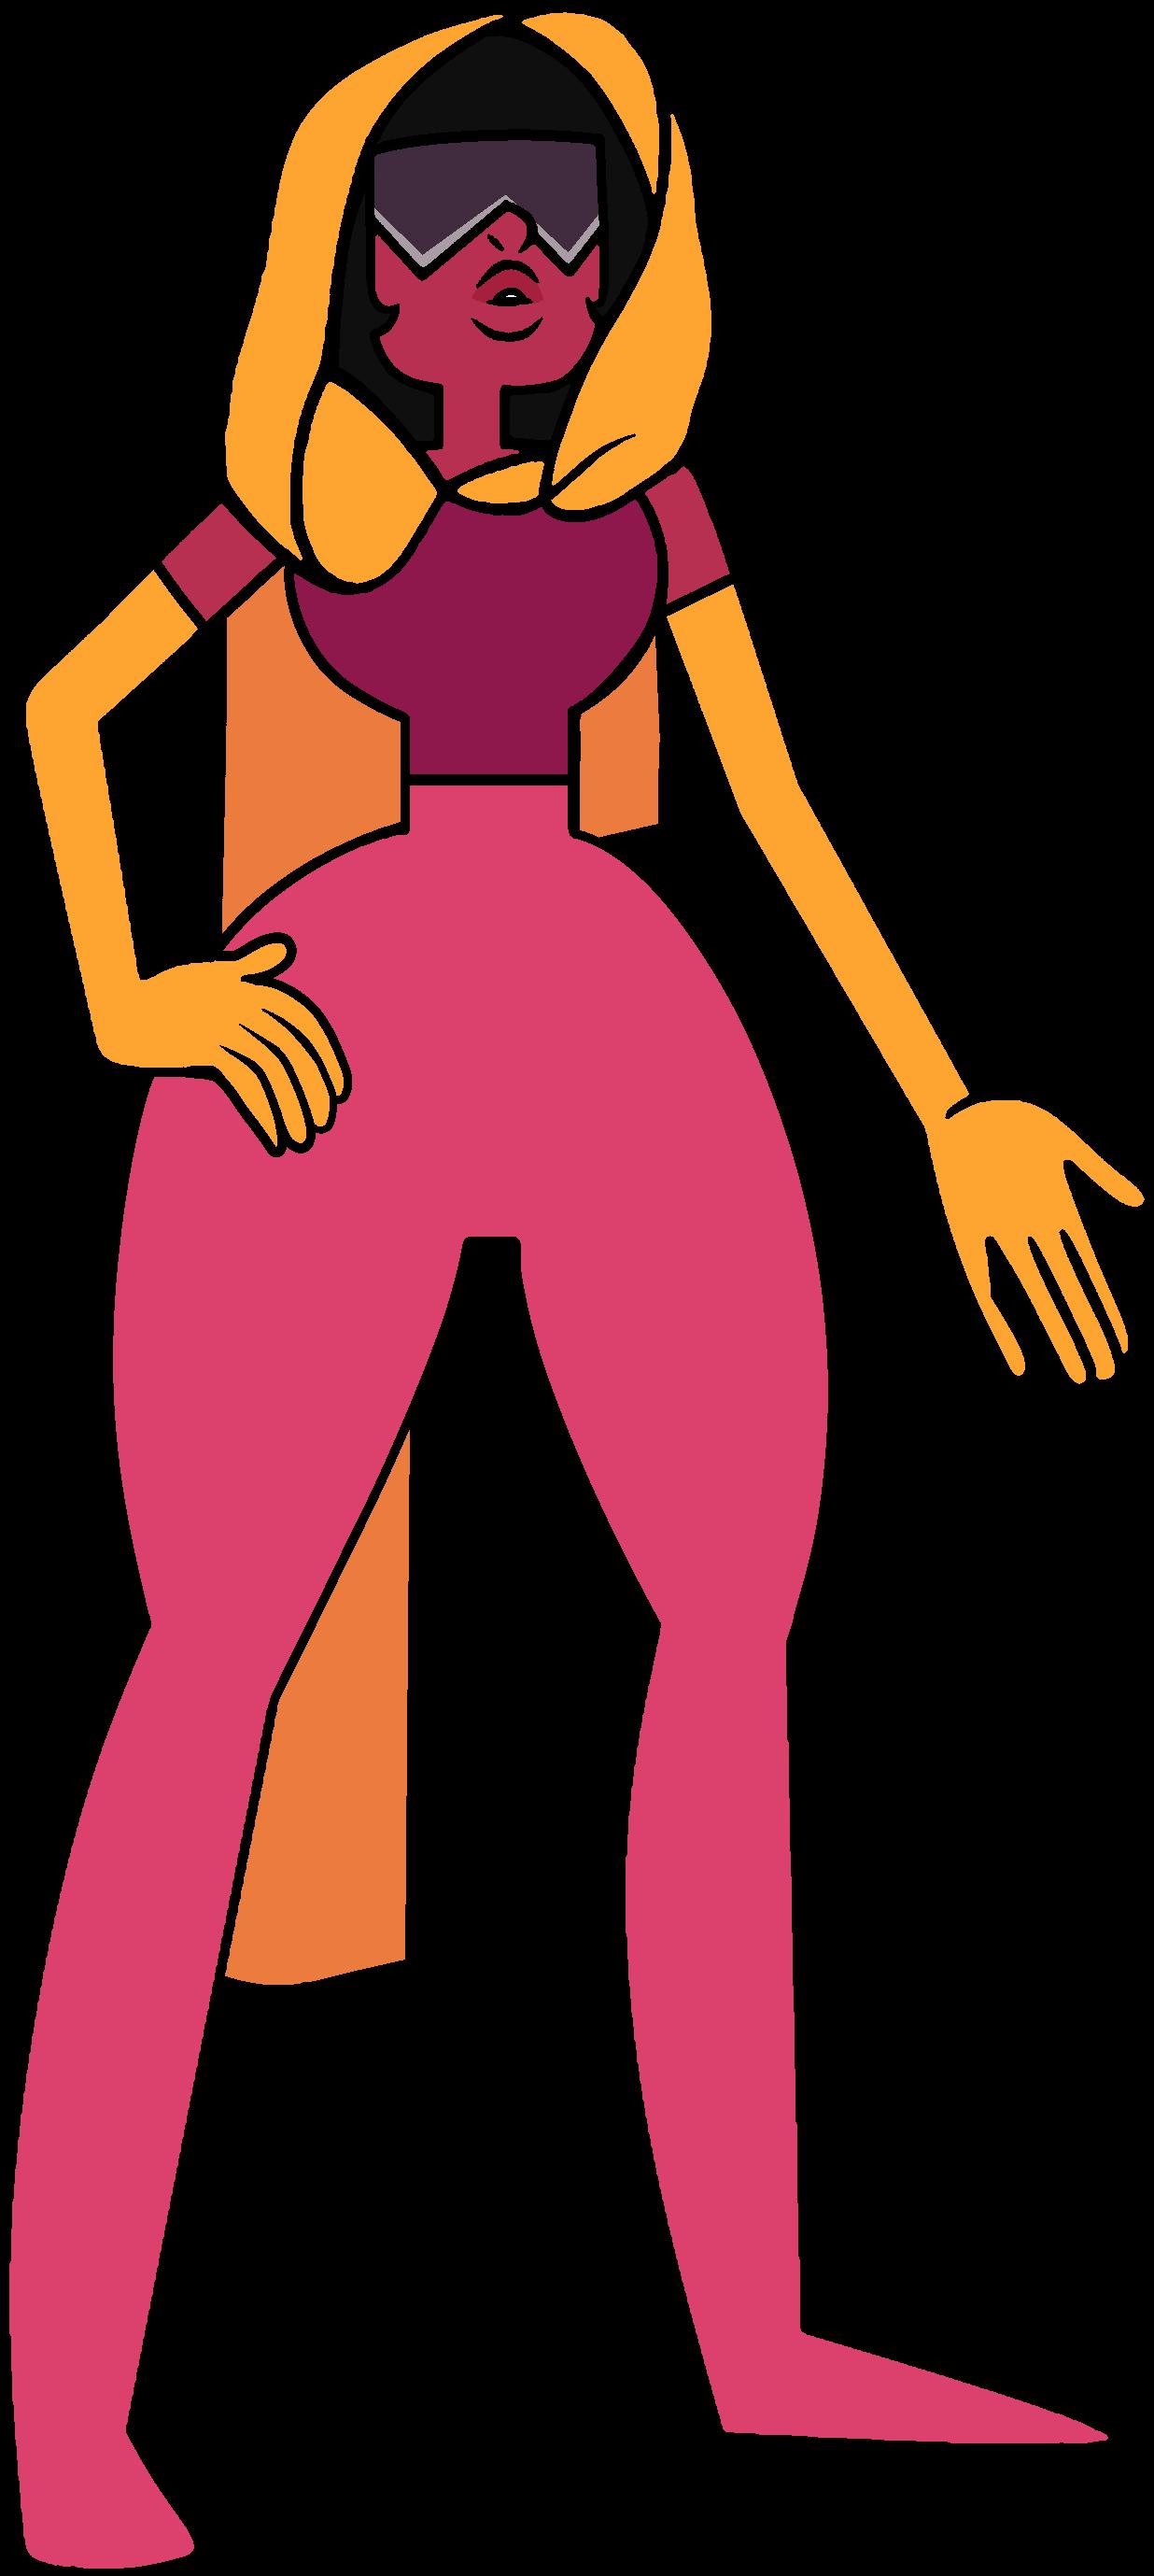 Garnet designs steven universe. Pilot clipart short woman